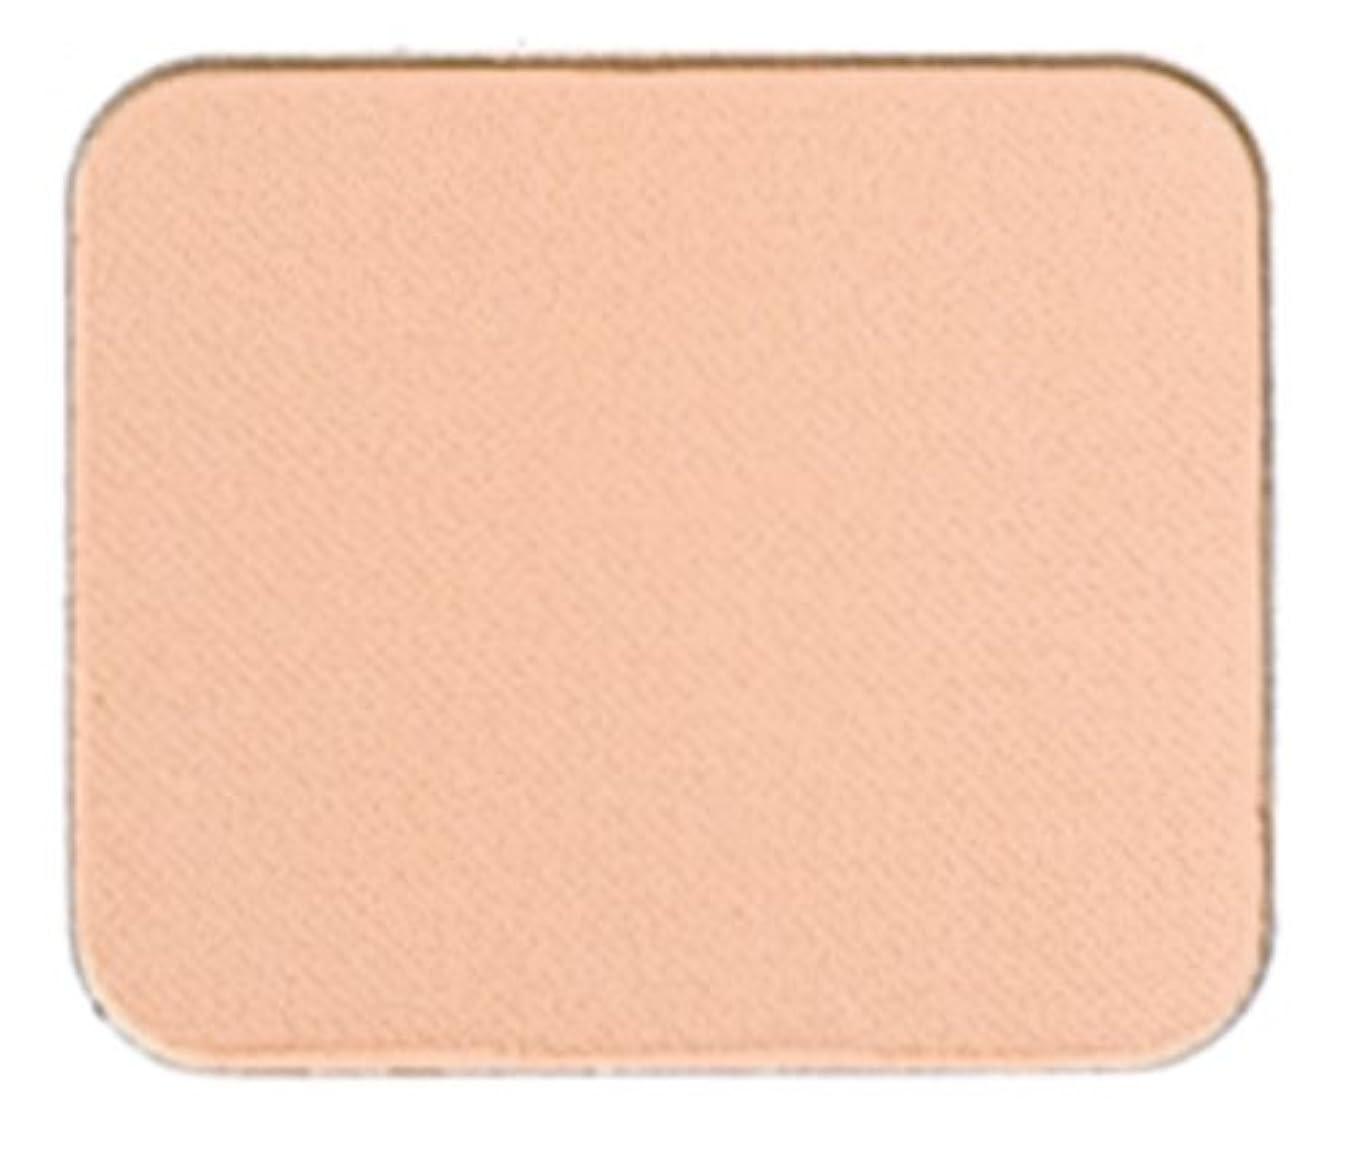 酸文法合金ドクターシーラボ BBパーフェクト ファンデーション WHITE377プラス レフィル ナチュラル2 (平均的な肌色) 12g SPF25 PA++